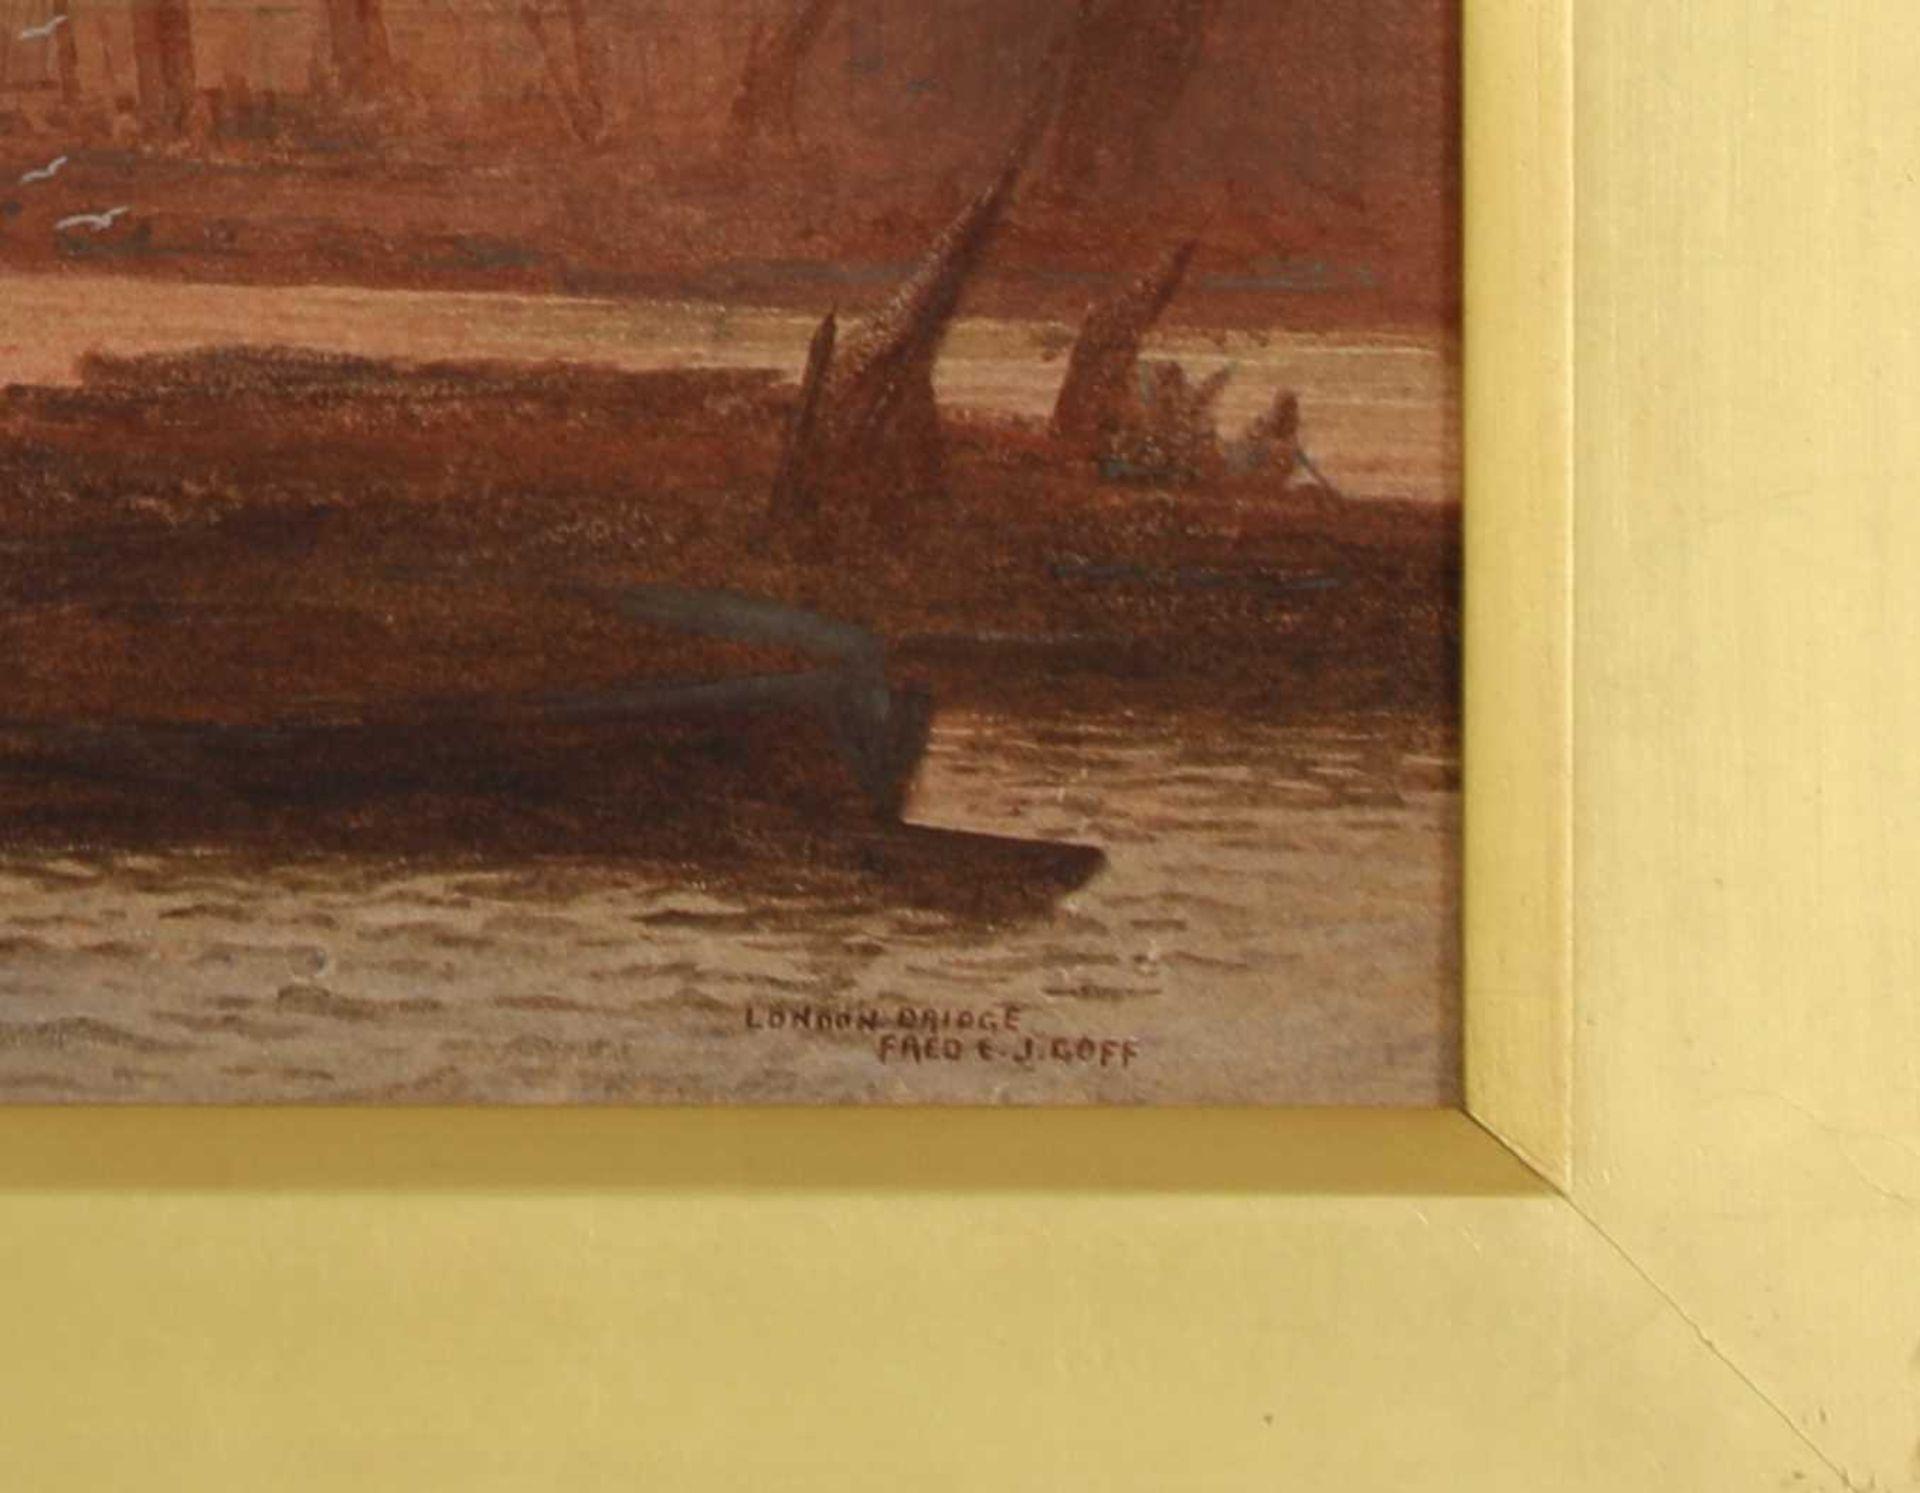 FREDERICK EDWARD JOHN GOFF (1855-1931) - Image 3 of 3